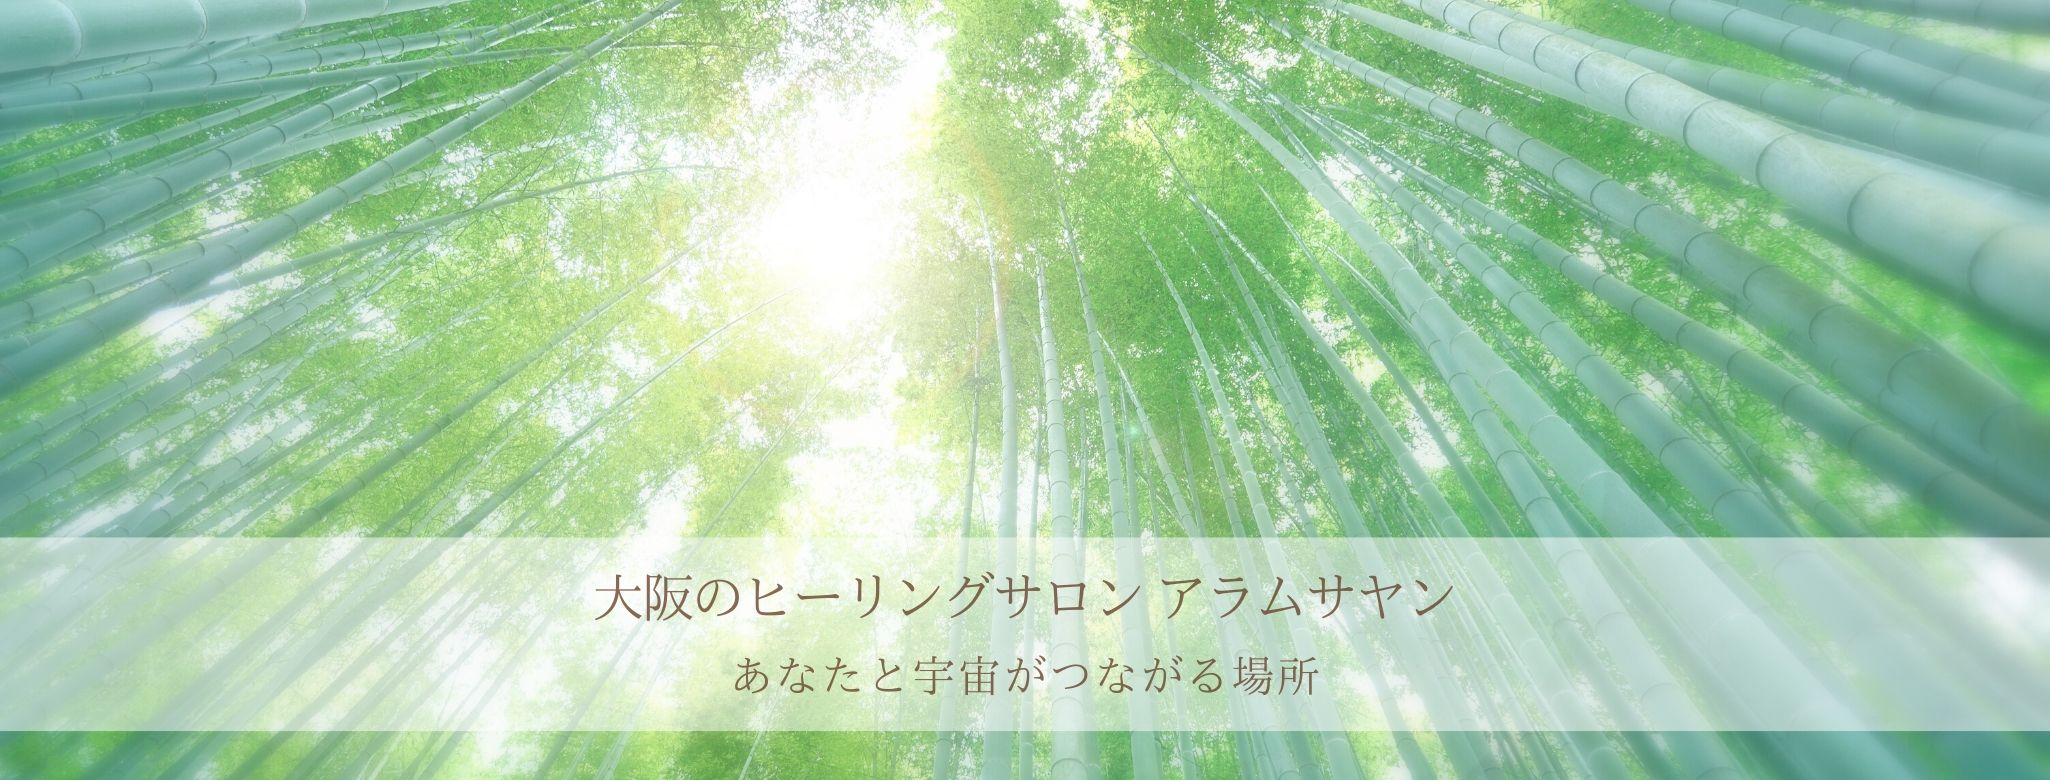 ヒーリングサロン,クラニオセイクラル,レイキヒーリング,大阪